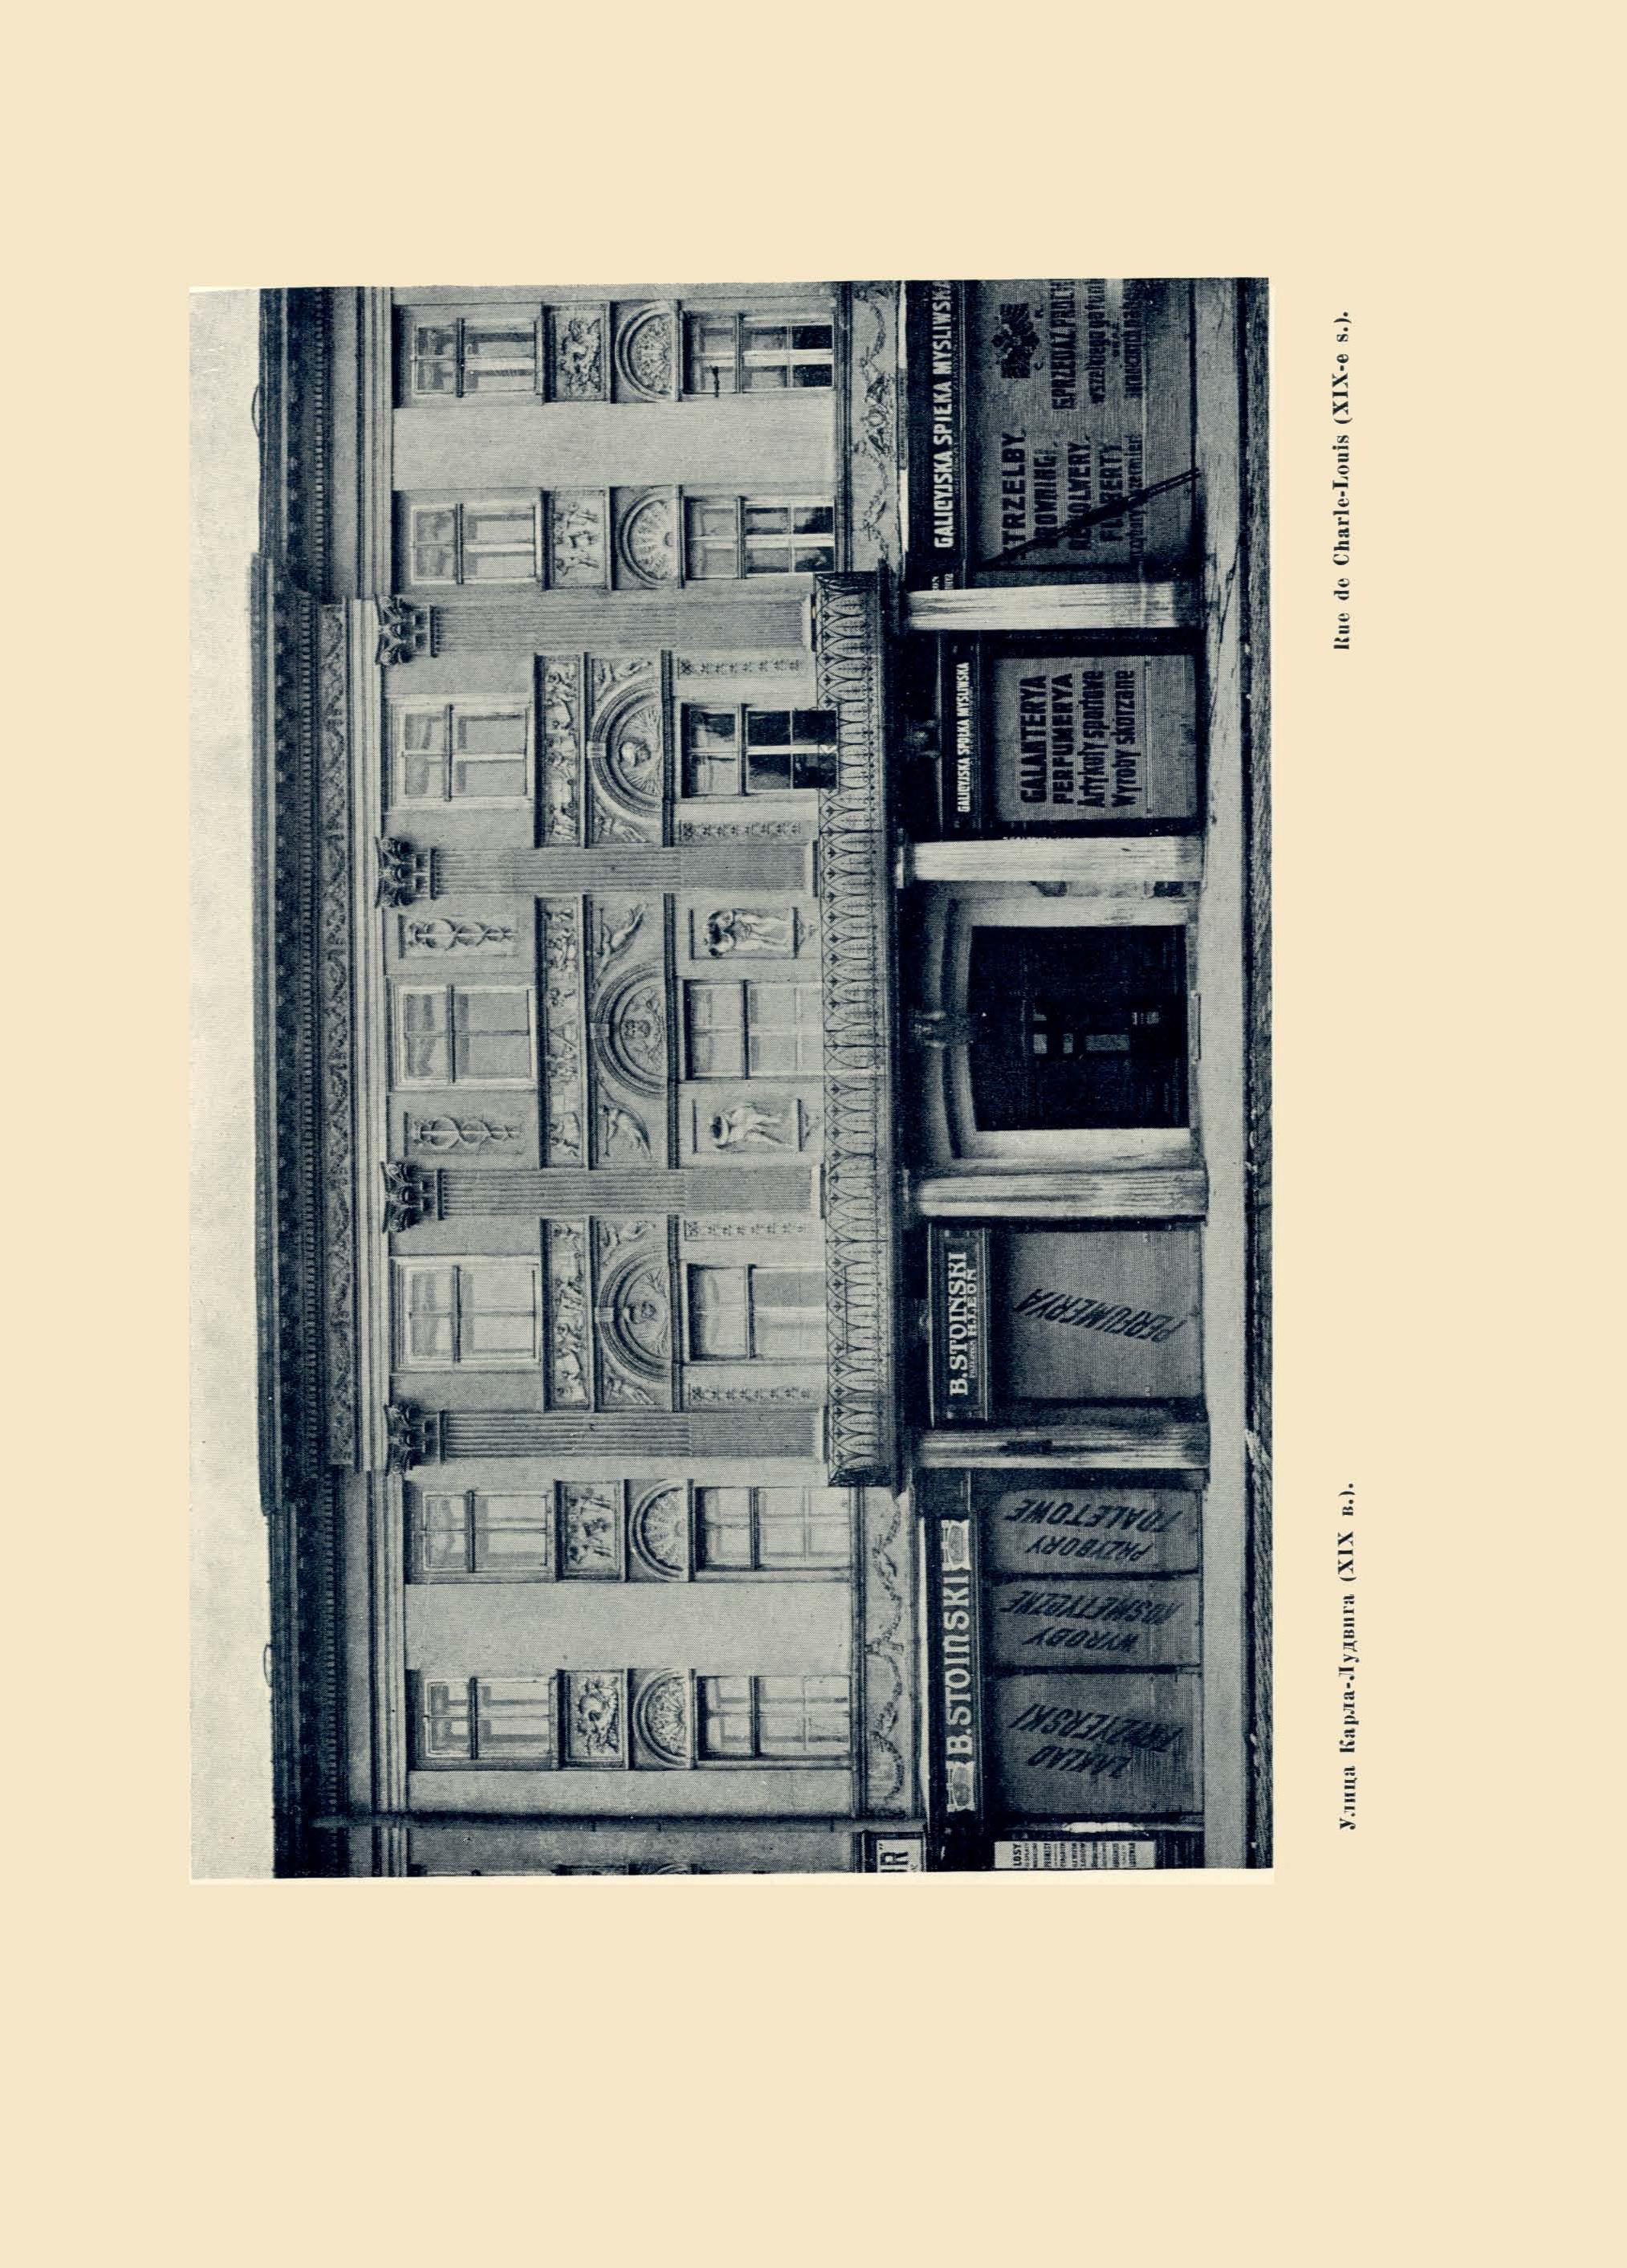 Альбом старого Львова. Верещагин В. 1917_63